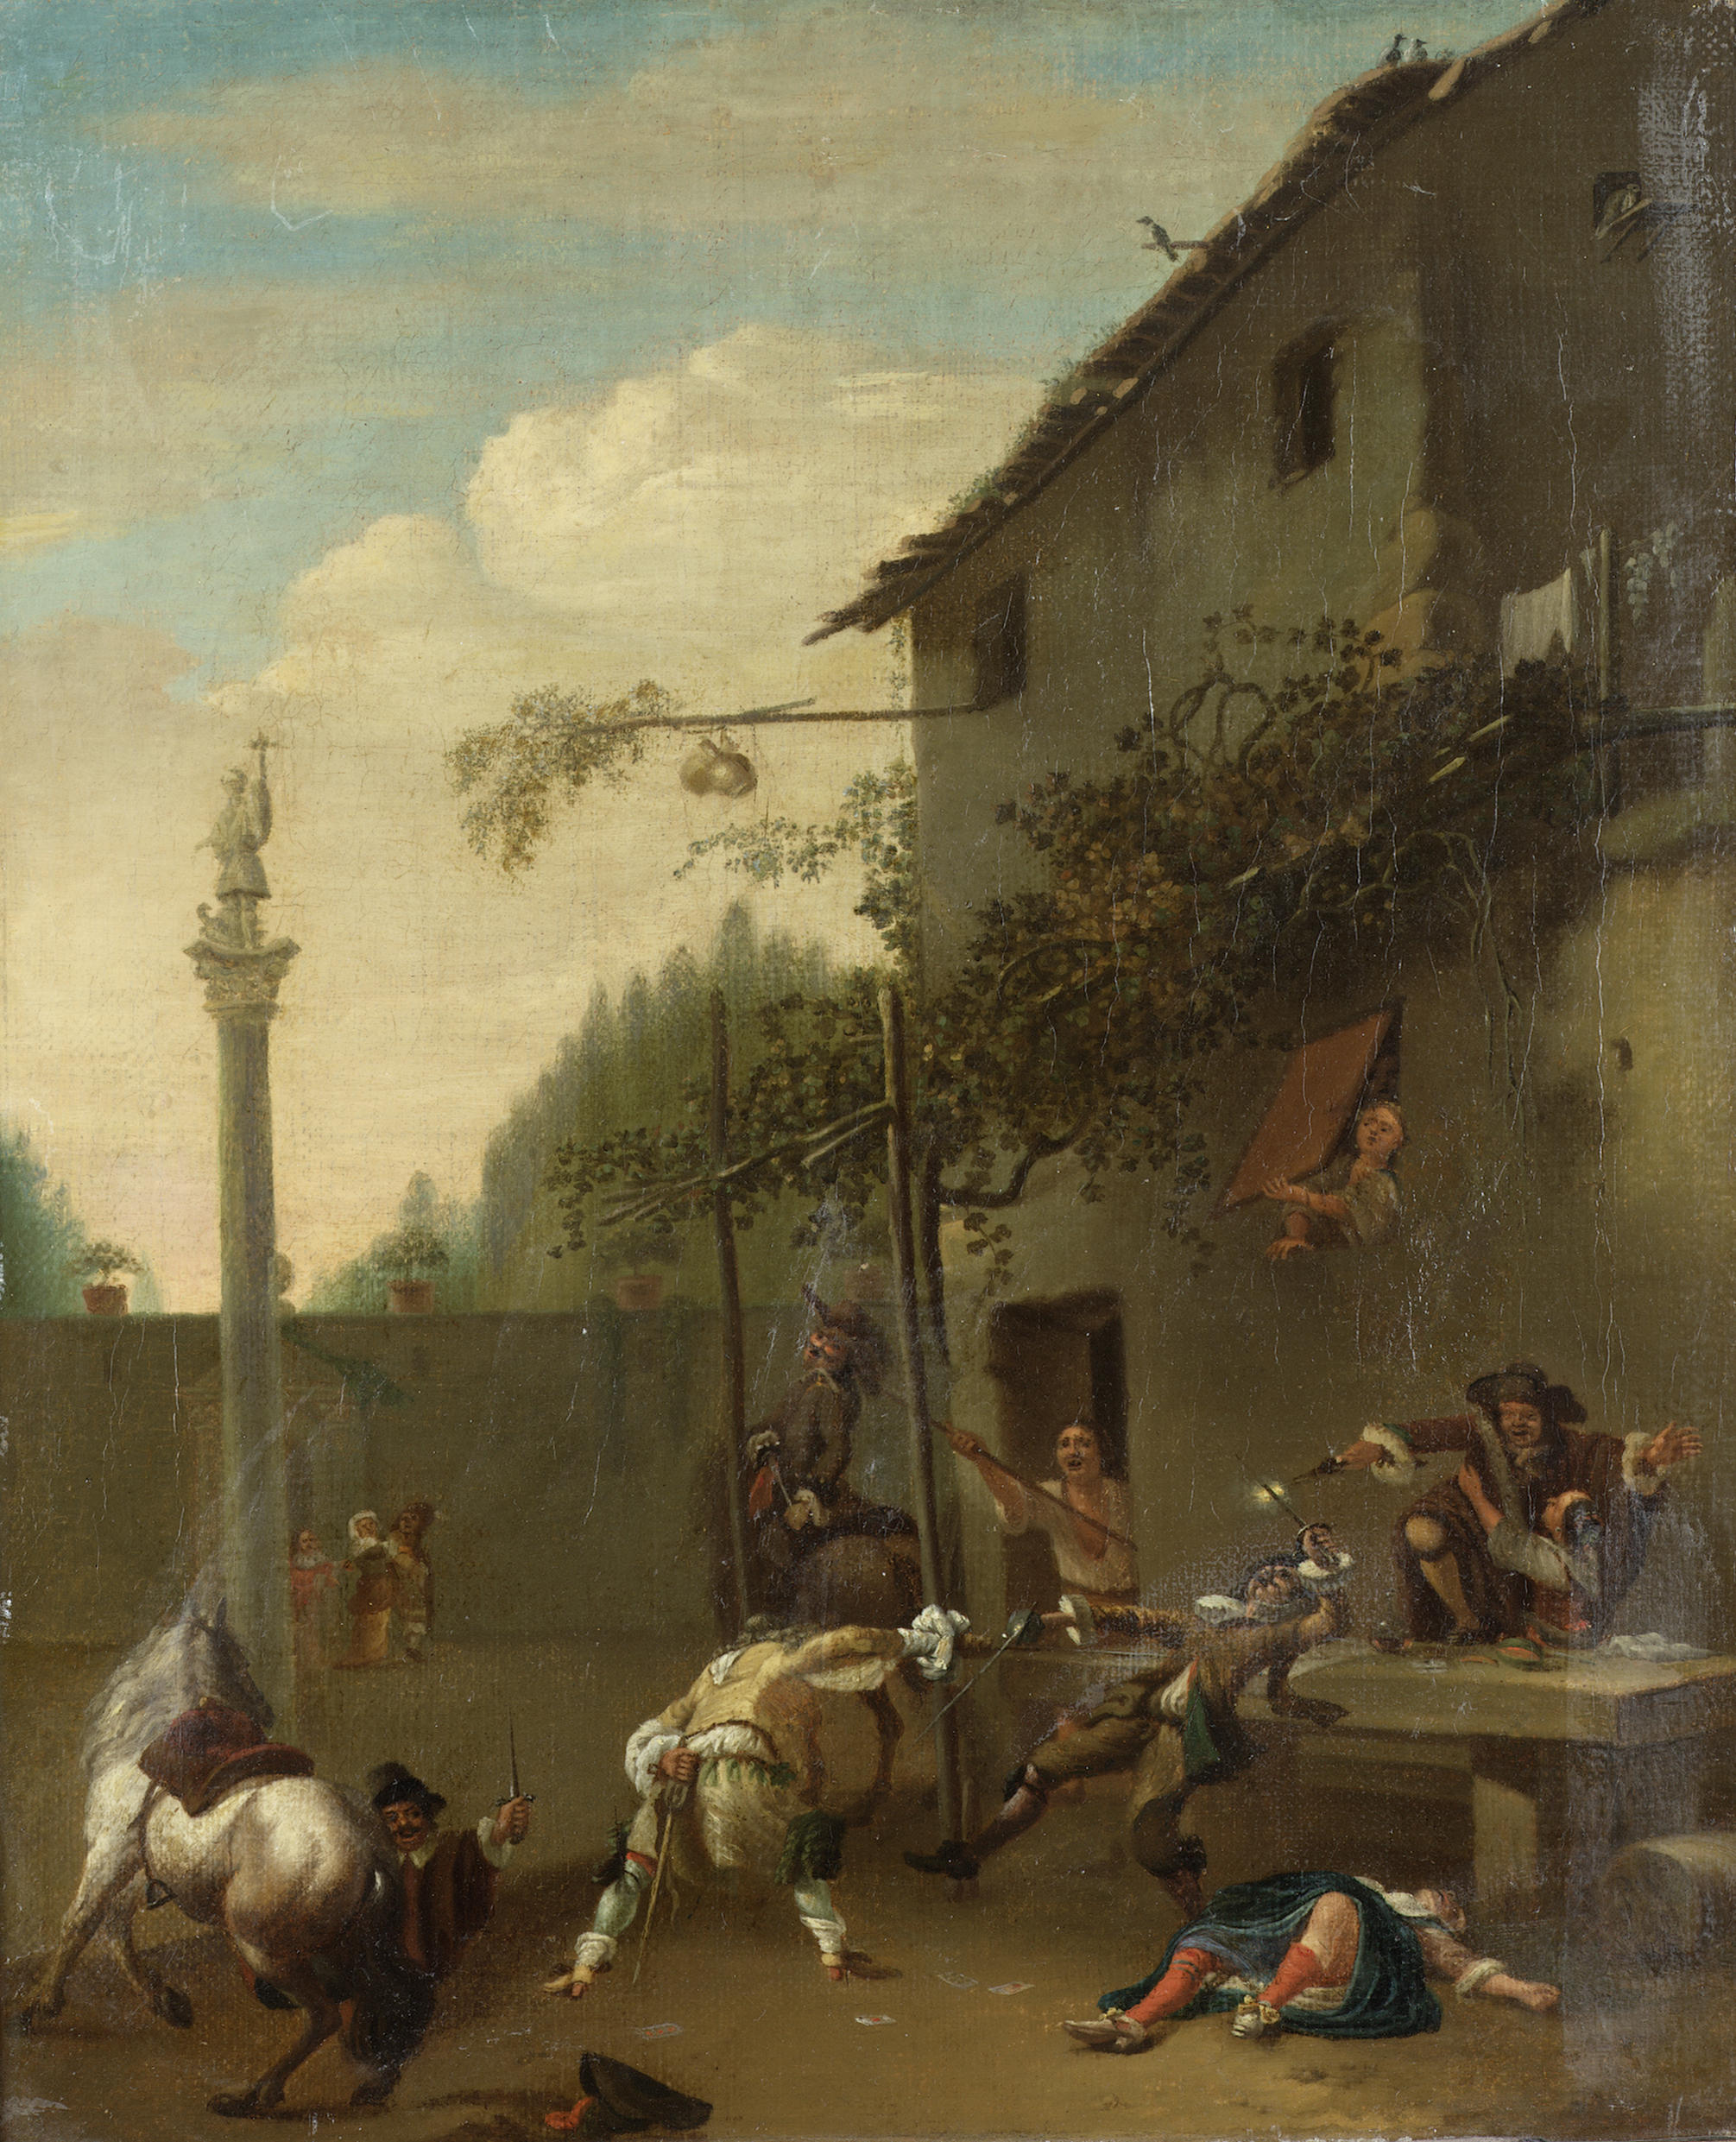 File:Roeland van Laar - soldiers fighting outside an inn jpg